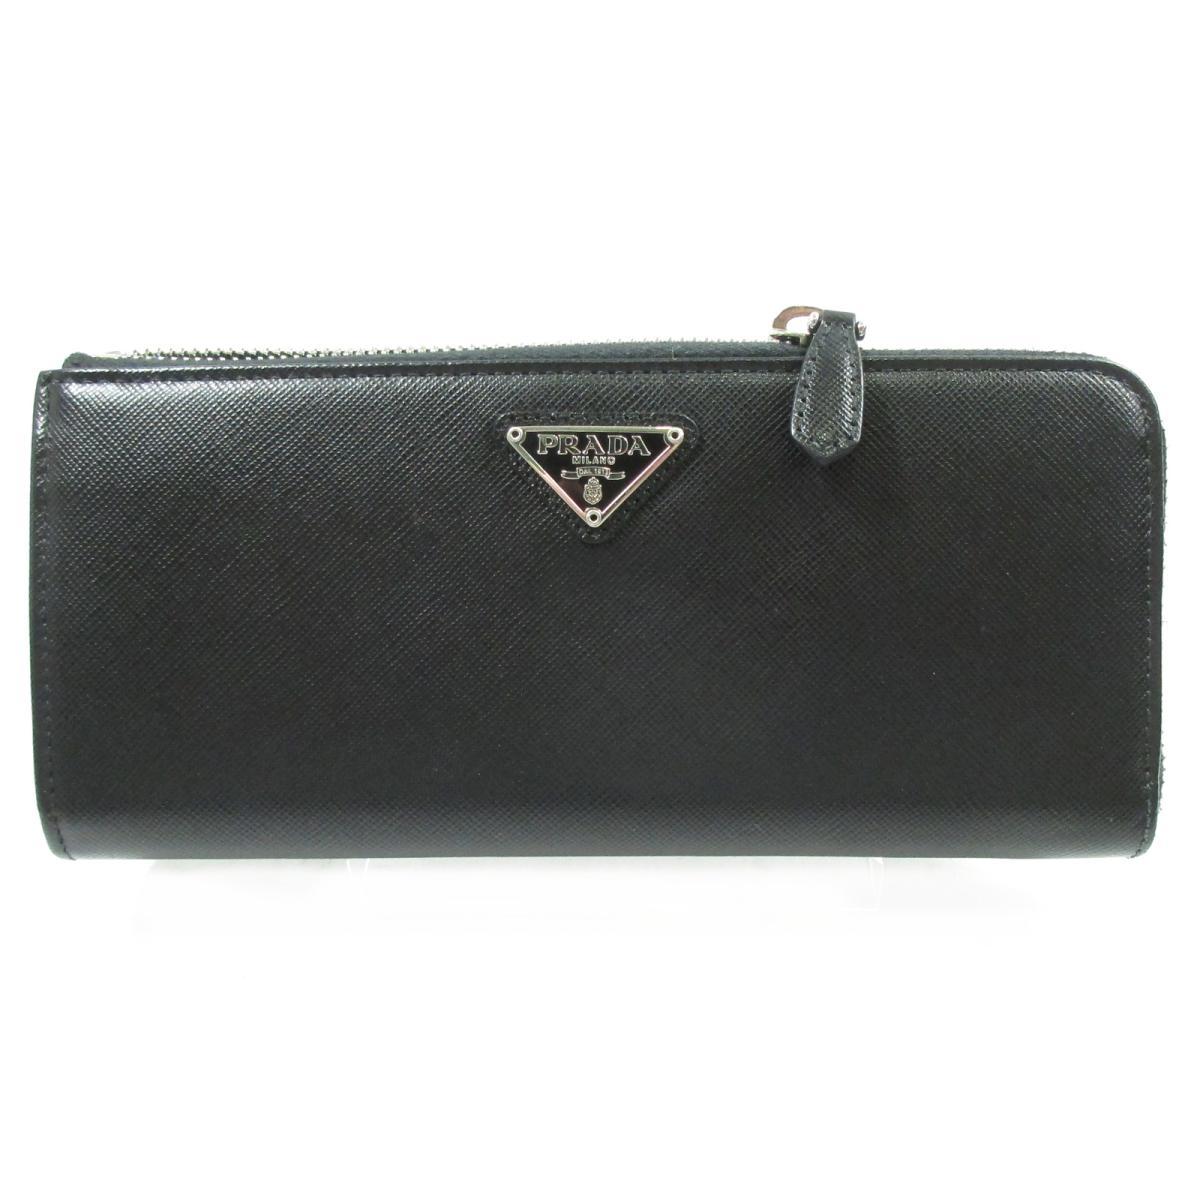 【中古】プラダ L型ZIP財布 財布 ユニセックス レザー ブラック